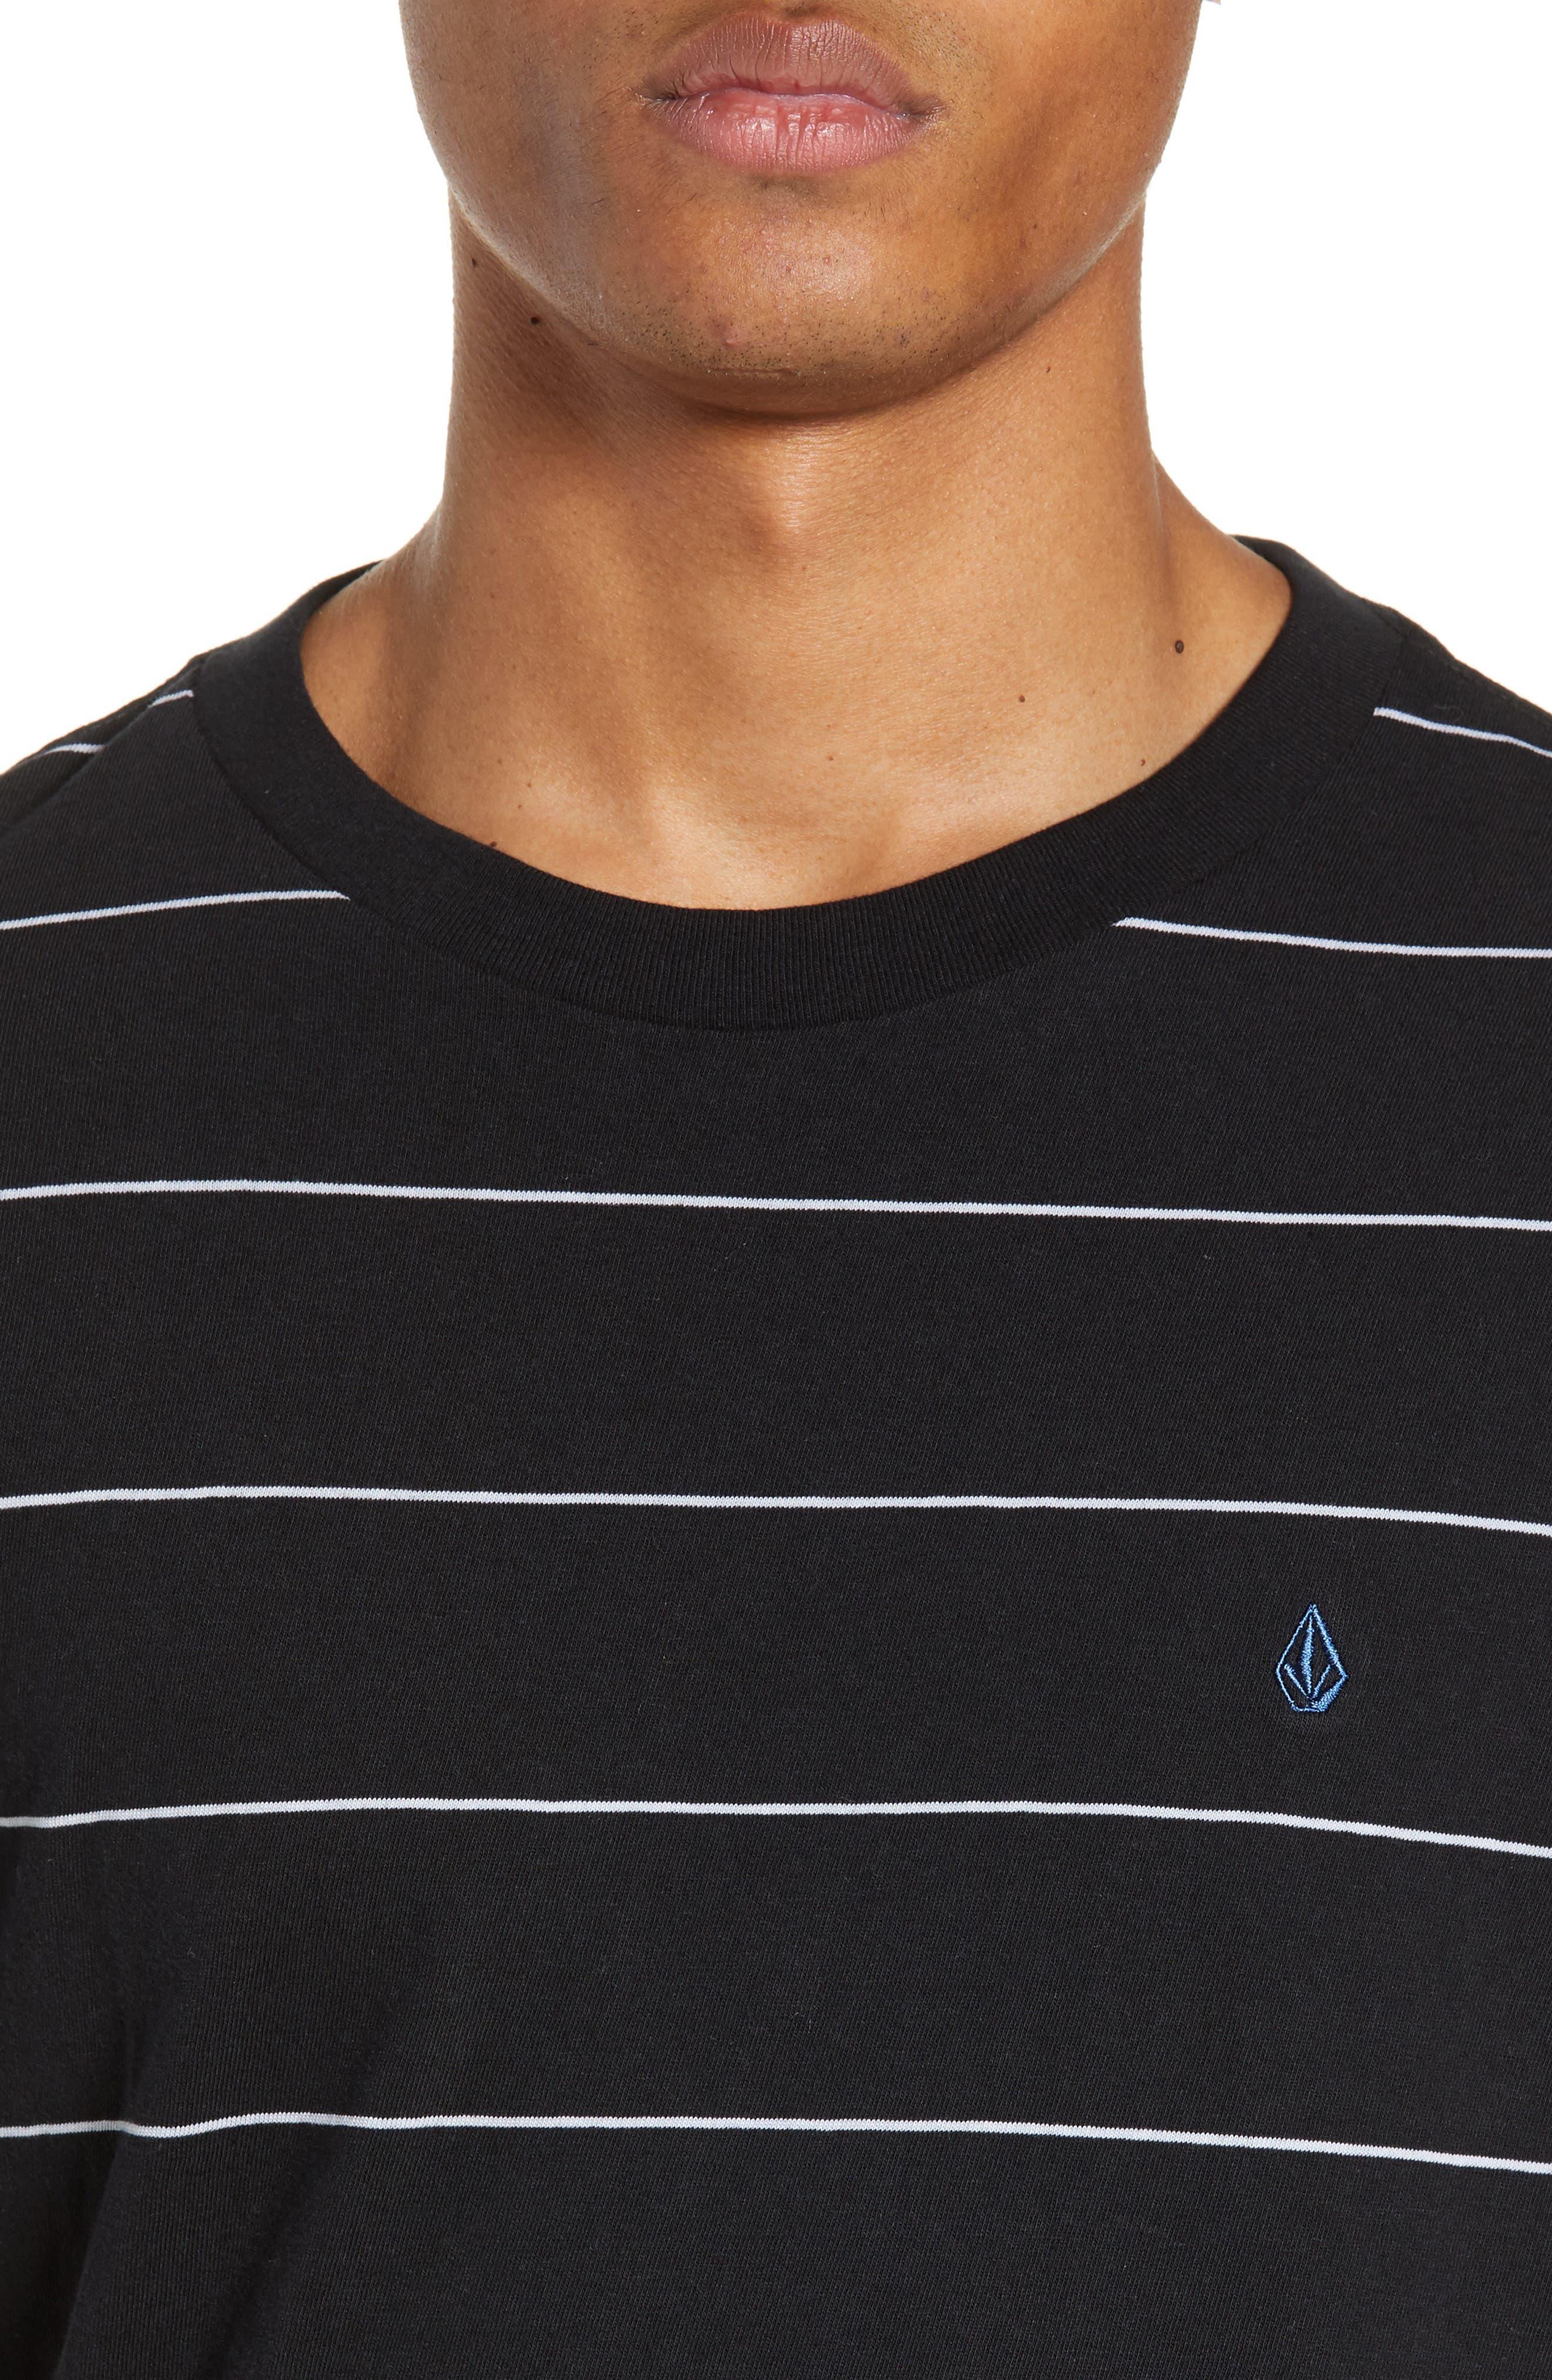 Joben Striped T-Shirt,                             Alternate thumbnail 4, color,                             BLACK